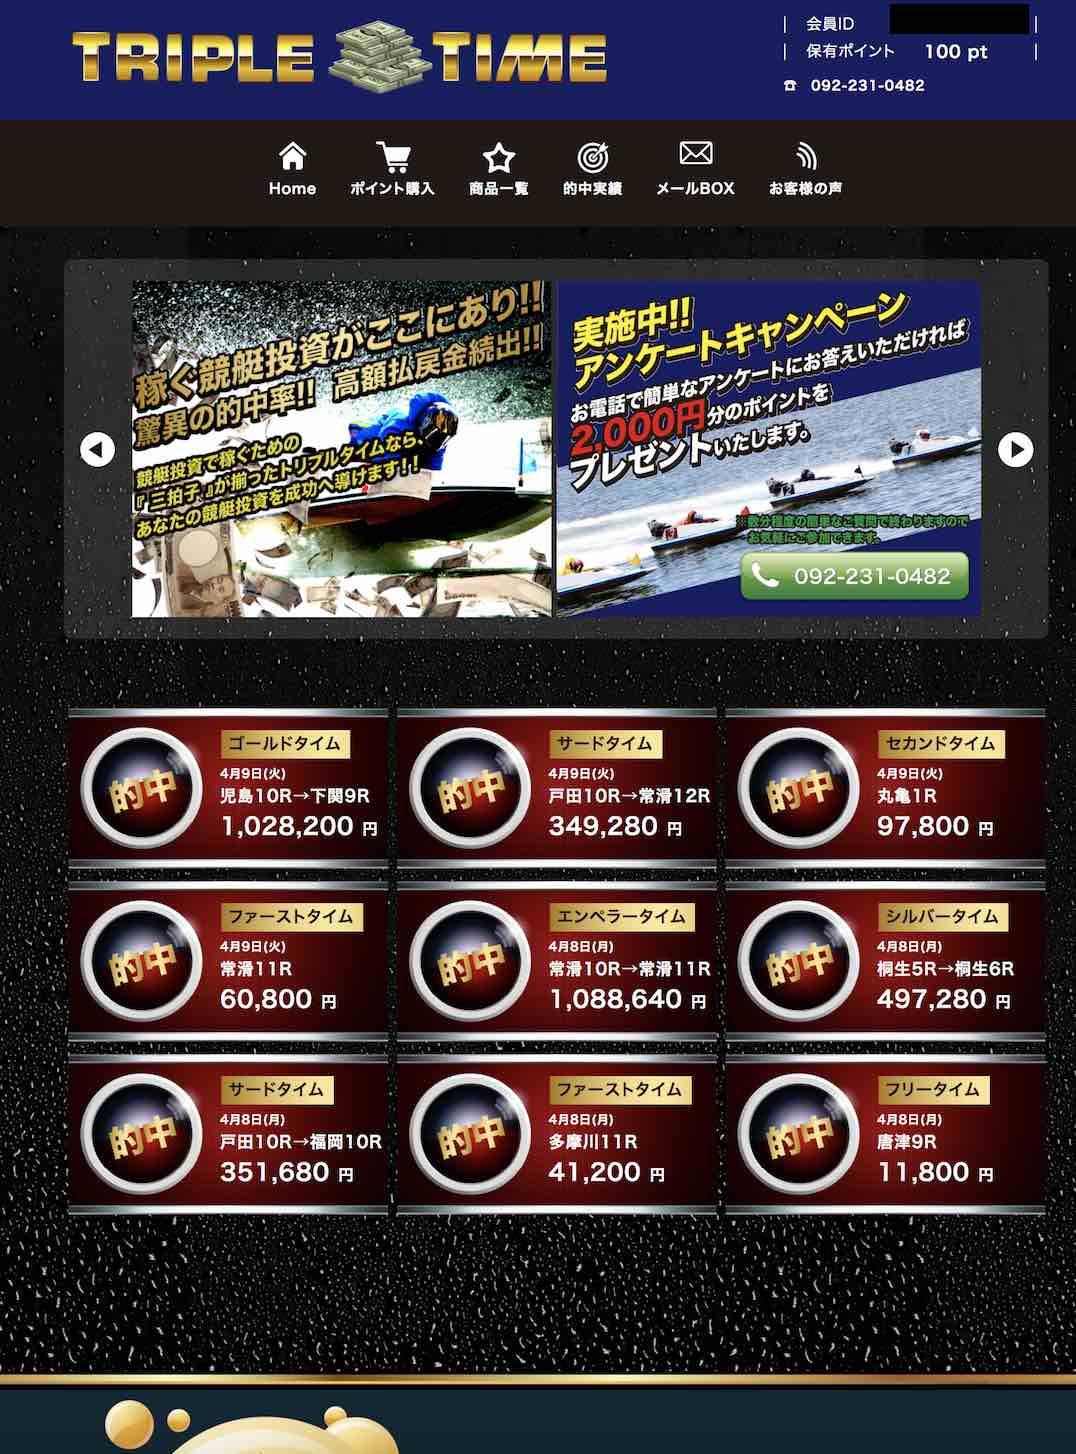 トリプルタイム(TRIPLETIME)という競艇予想サイトの会員ページ